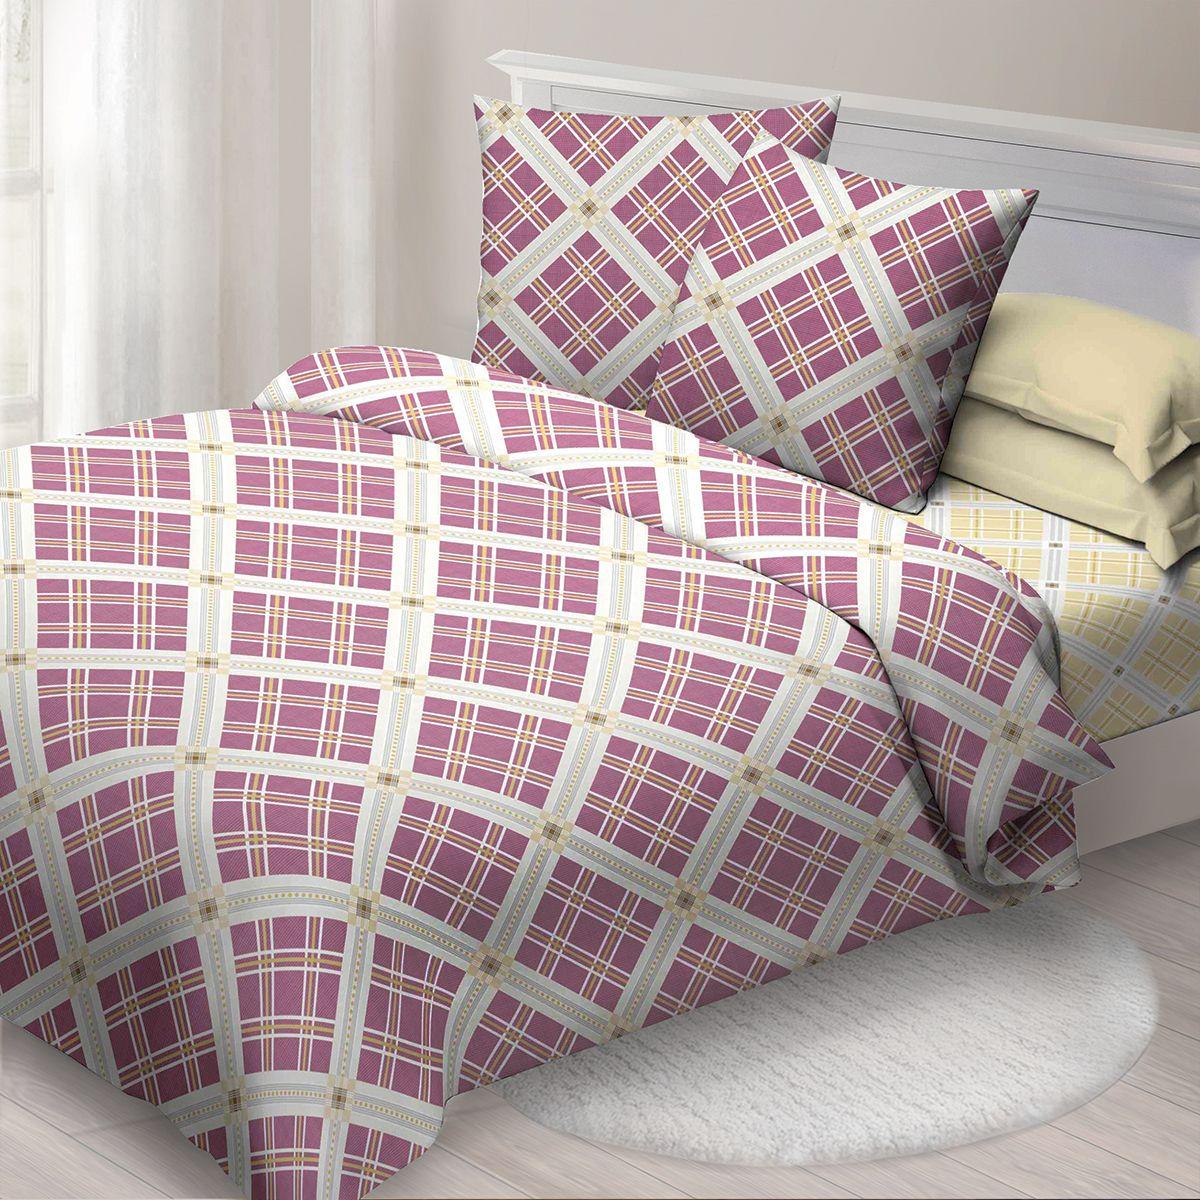 Комплект белья Спал Спалыч Ромбы, 1,5 спальное, наволочки 70x70, цвет: бордовый. 4090-285077